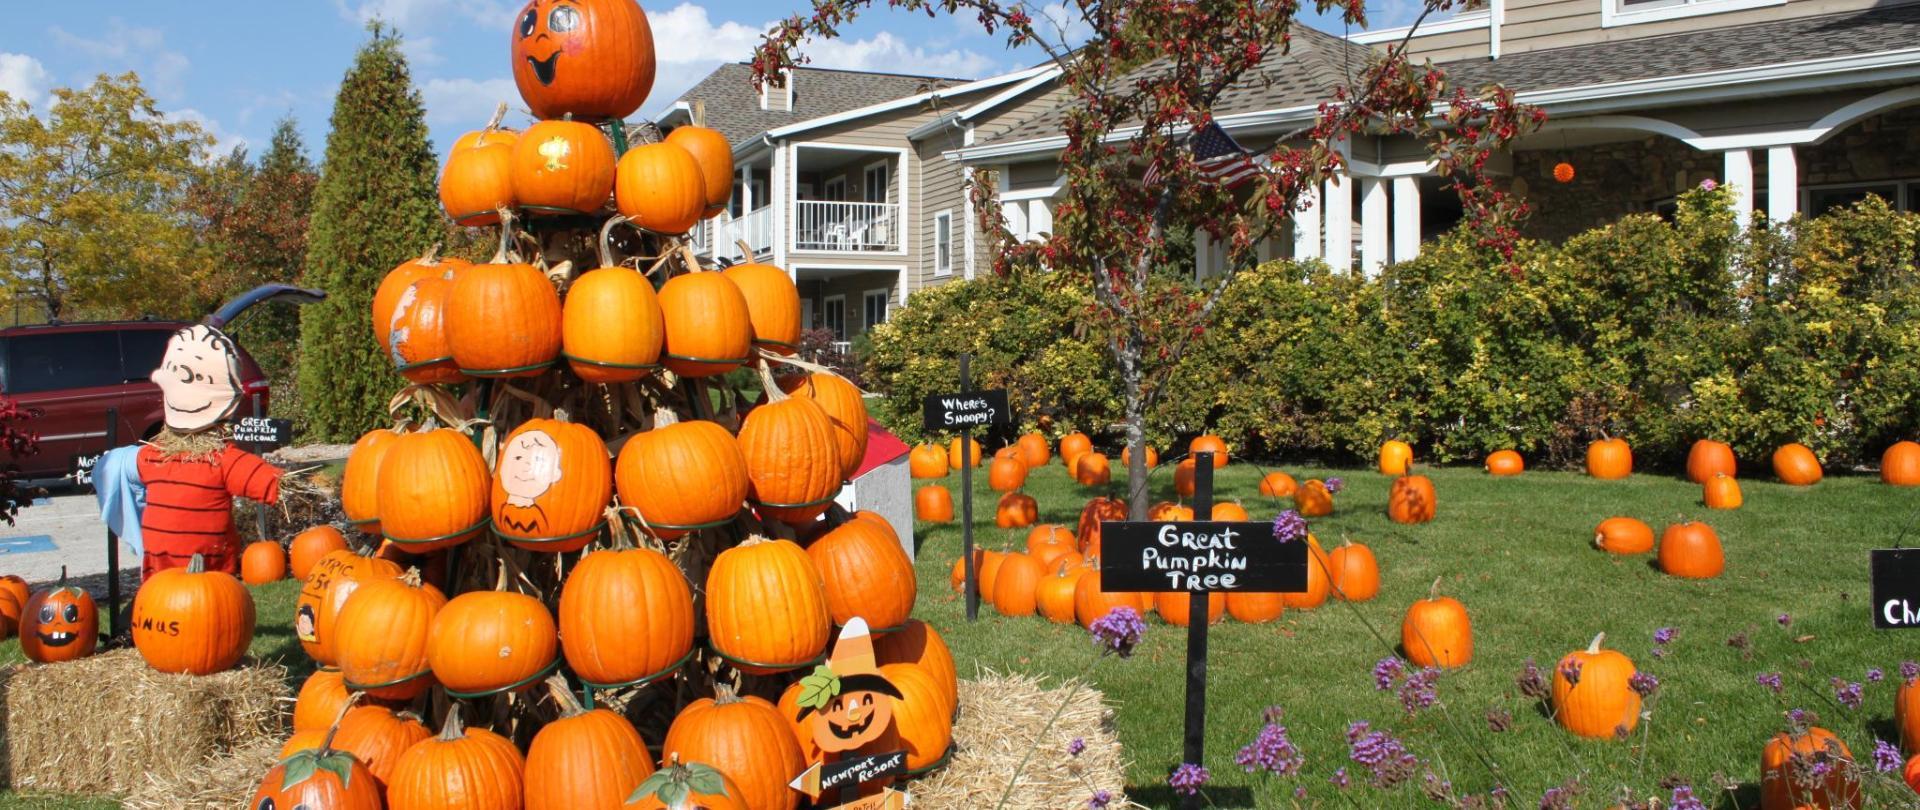 pumpkin patch 2010 086.jpg